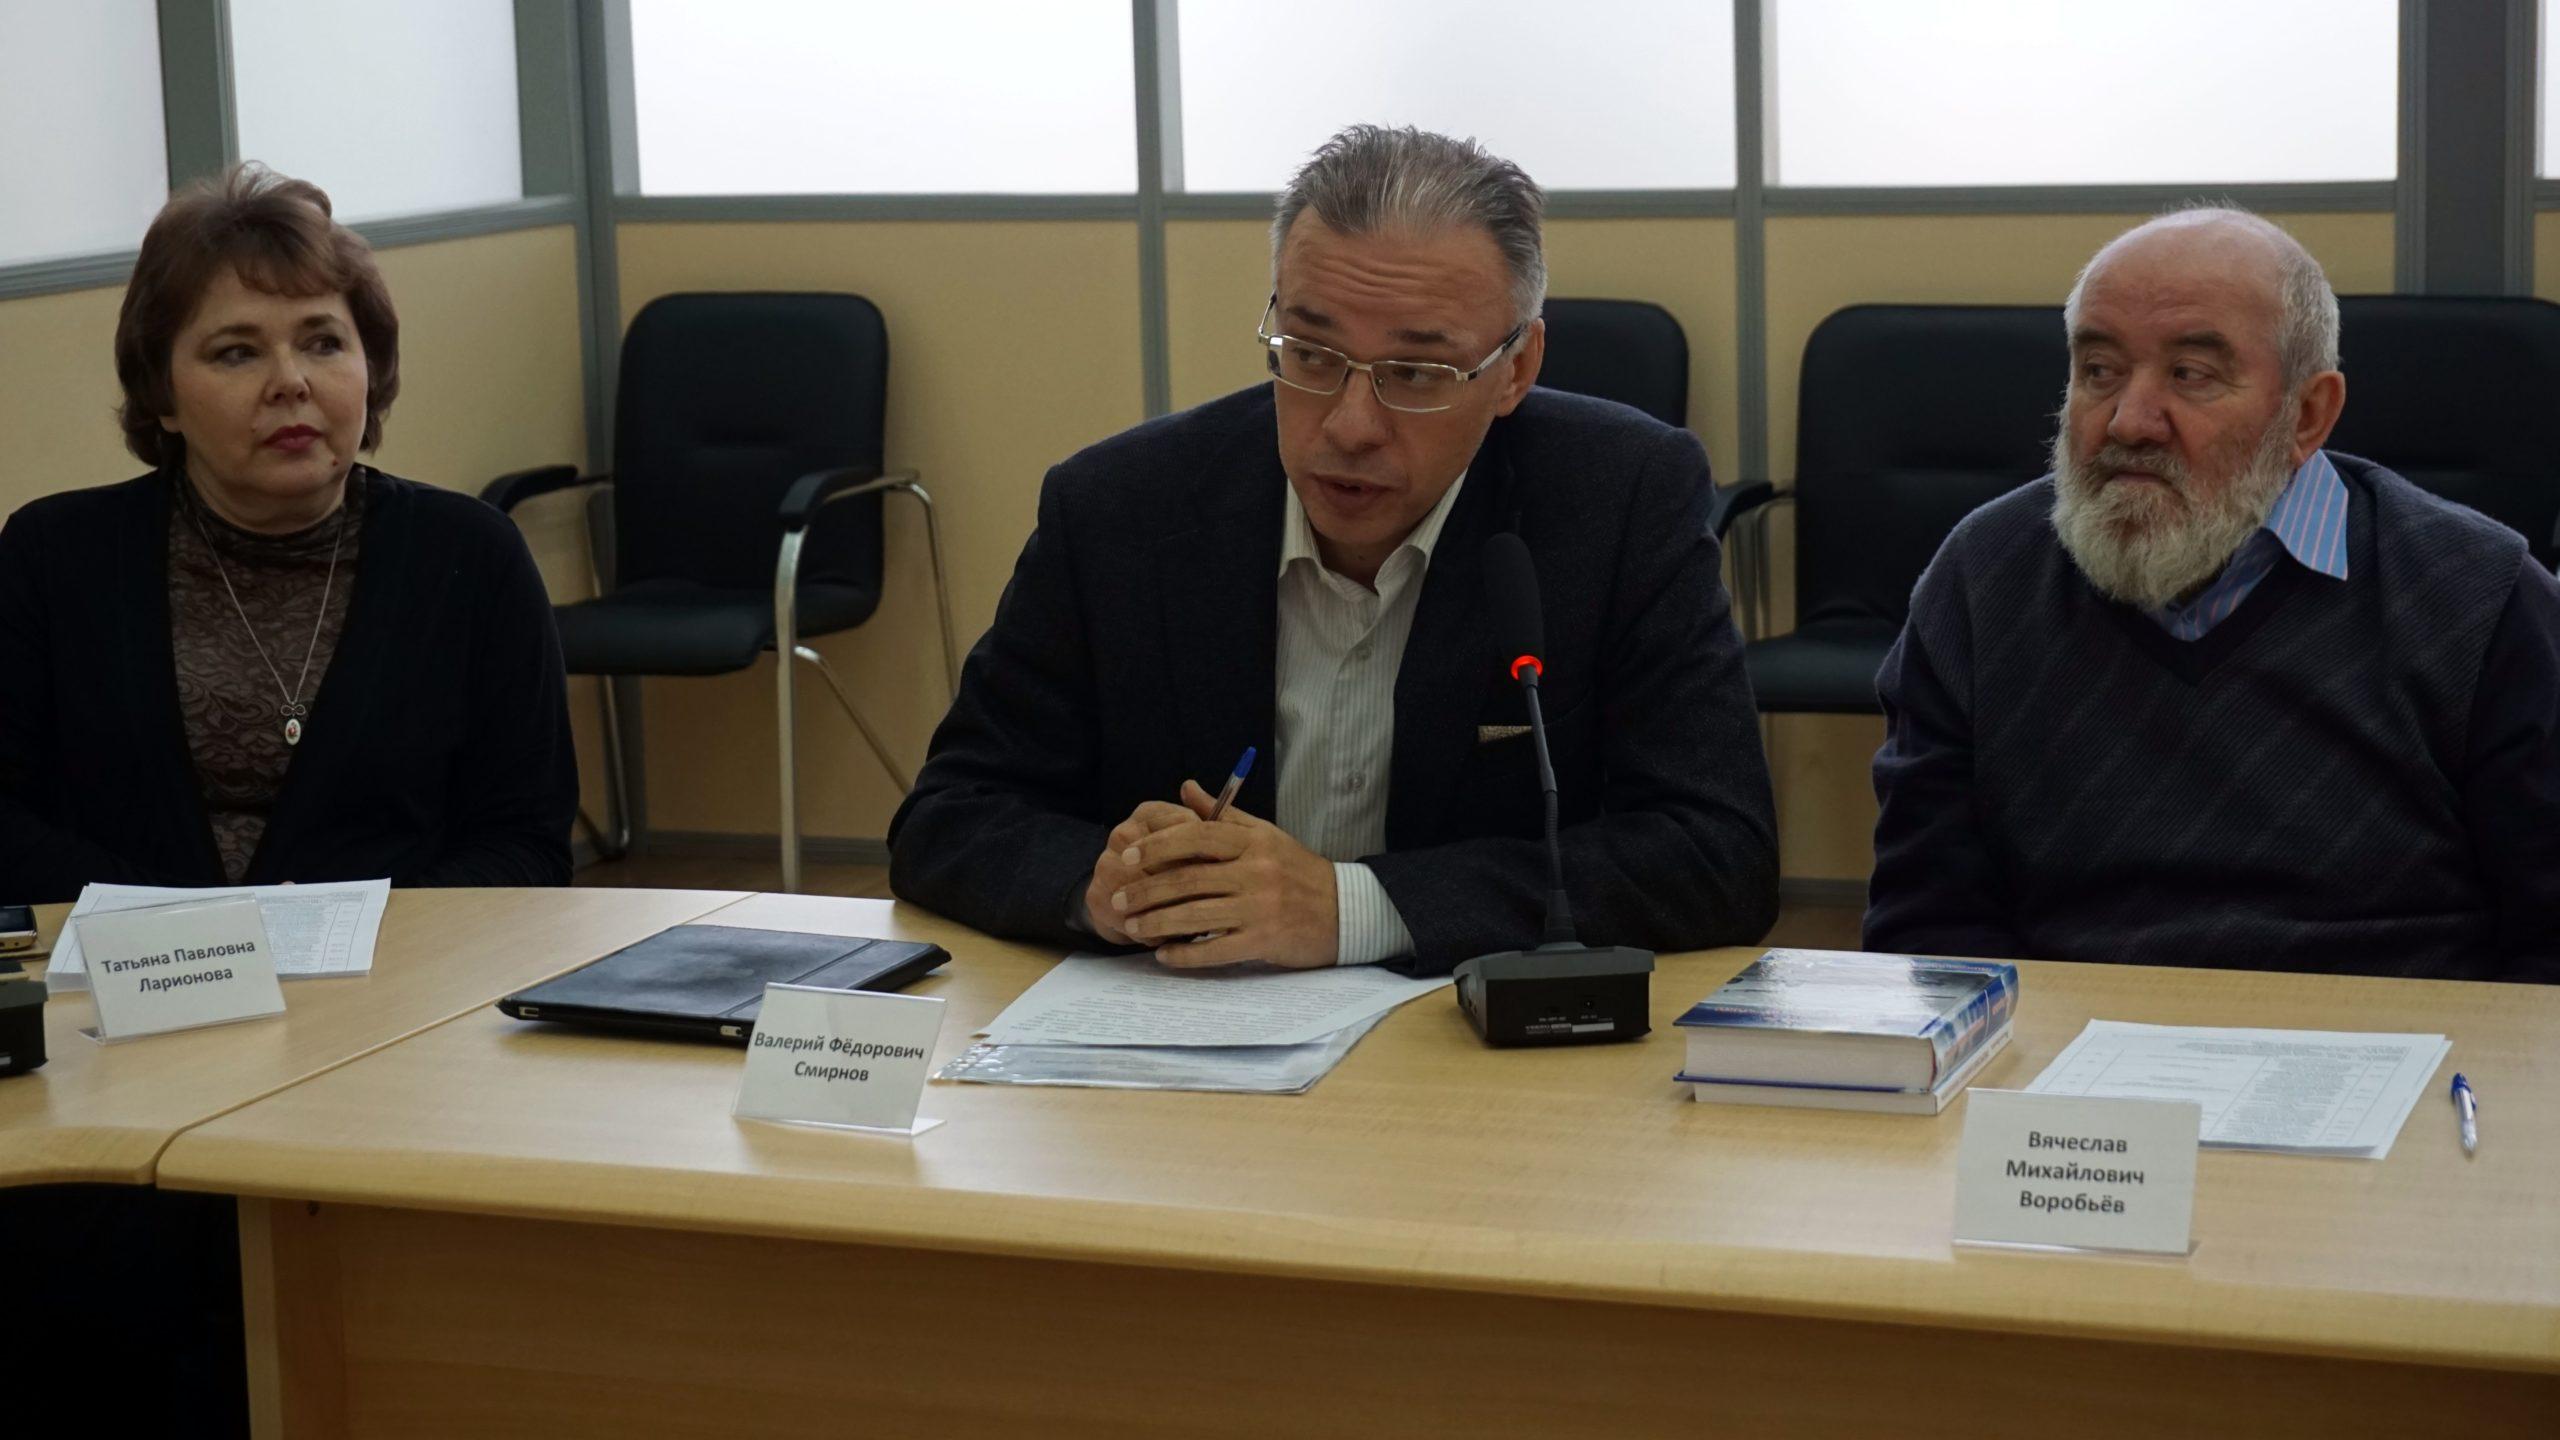 Валерий Смирнов: Уследует усиливать просветительскую работу